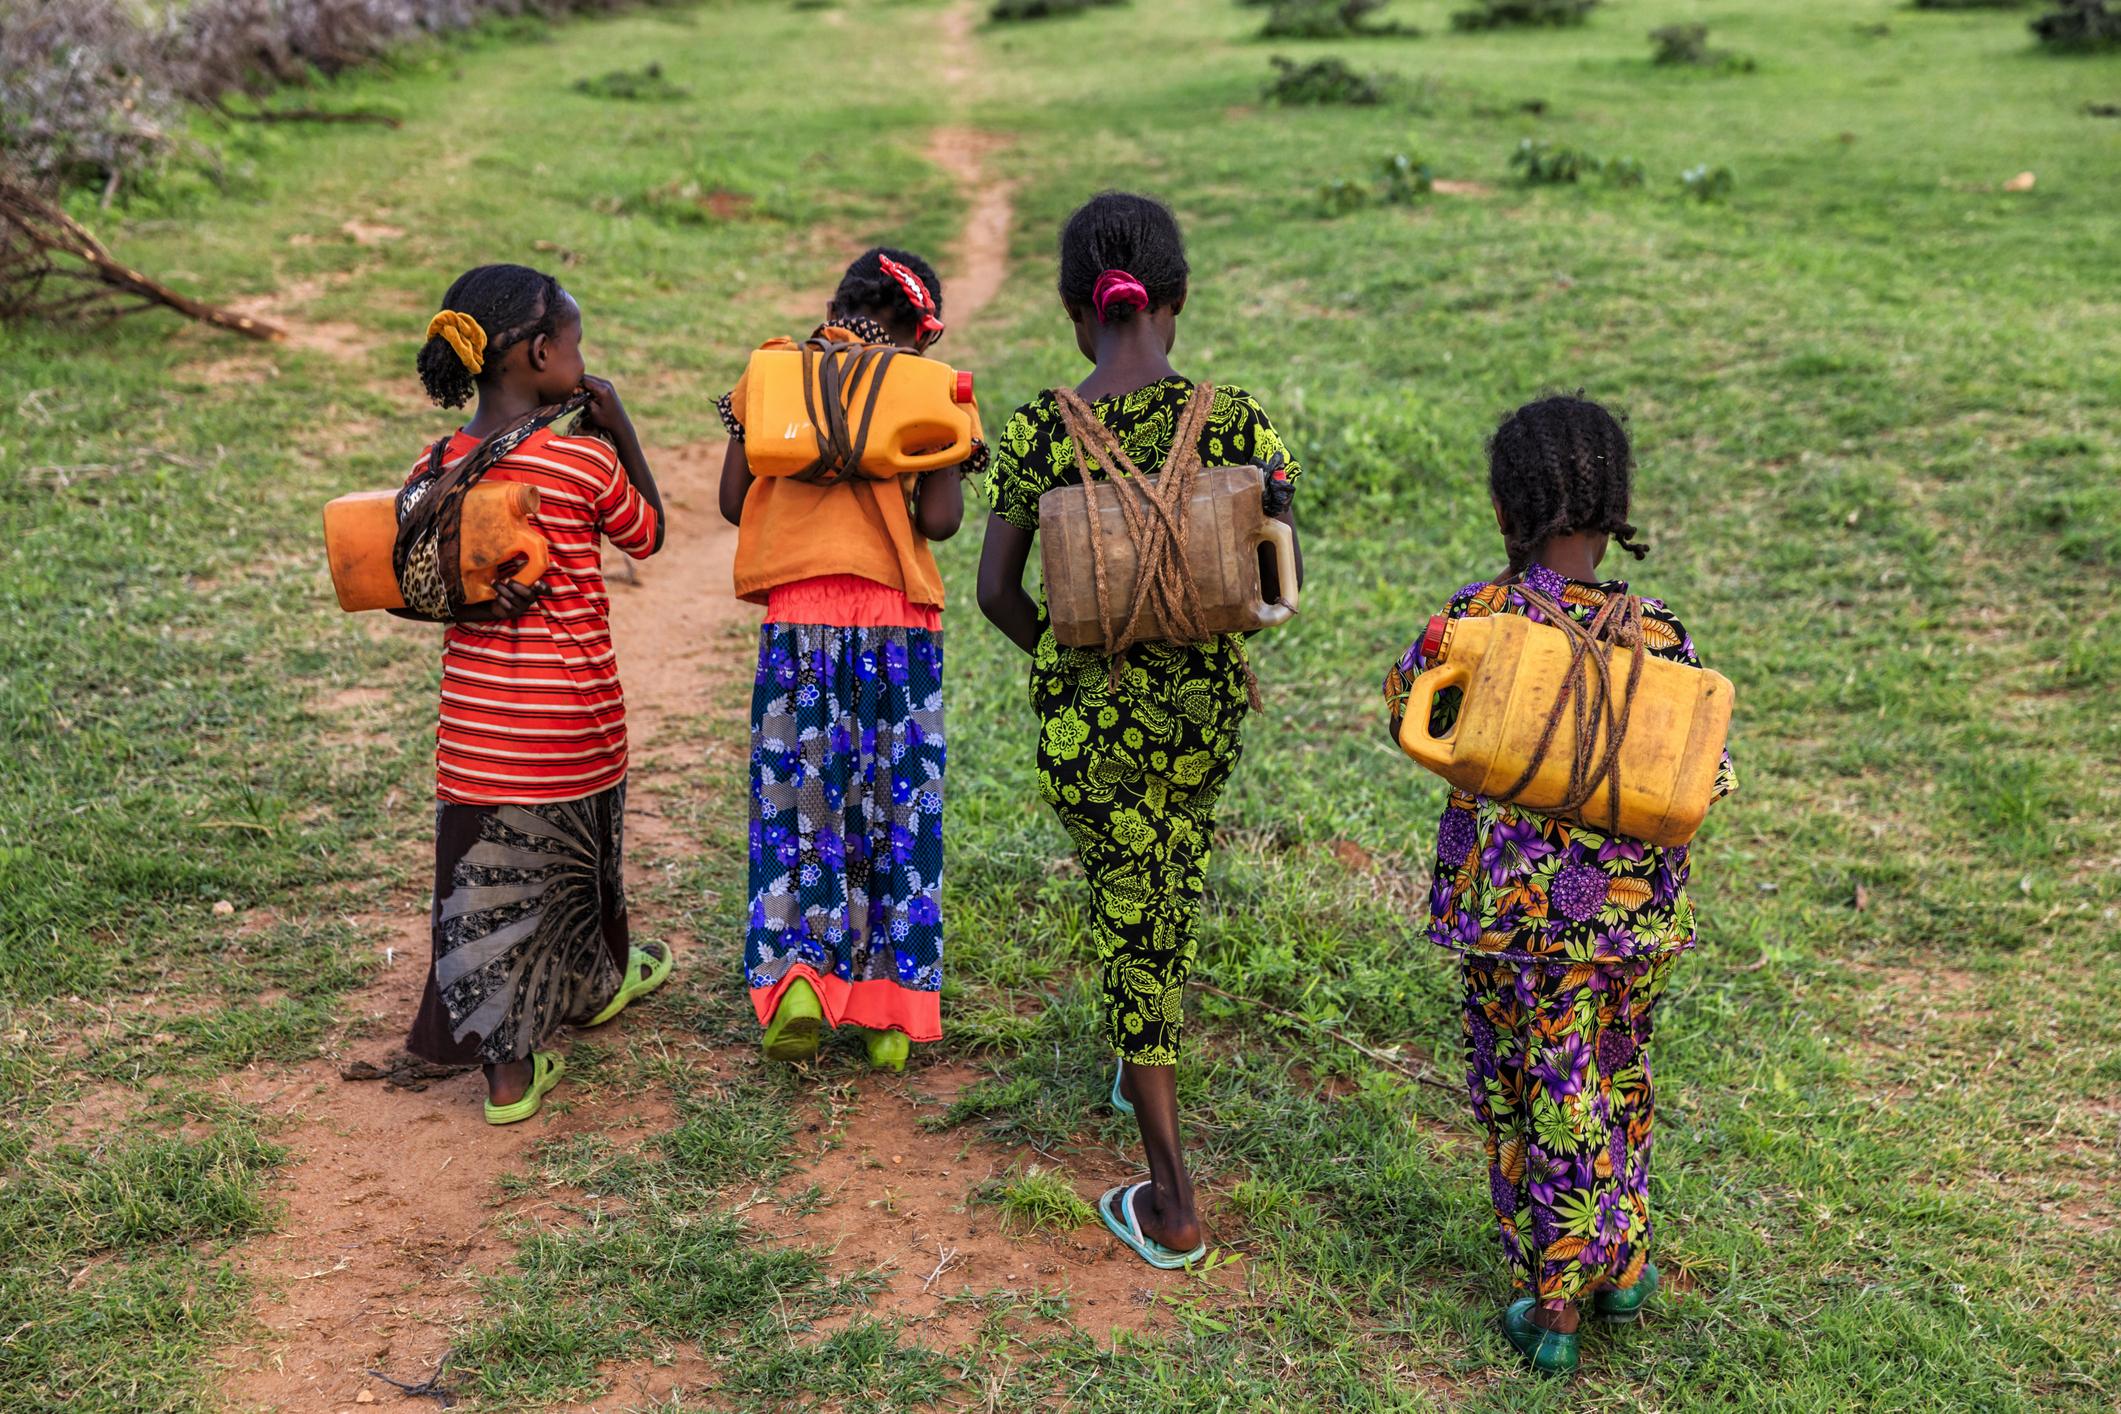 Sklaverei noch aktuell? - Eine Software von Made in a free World hat das Ziel, das Risiko von Zwangsarbeit in einer Lieferkette erkennen zu können. Konsequent eingesetzt, können Unternehmen damit weltweit zur Chancengleichheit in den Regionen beitragen, in denen es häufig zu Zwangsarbeit kommt.